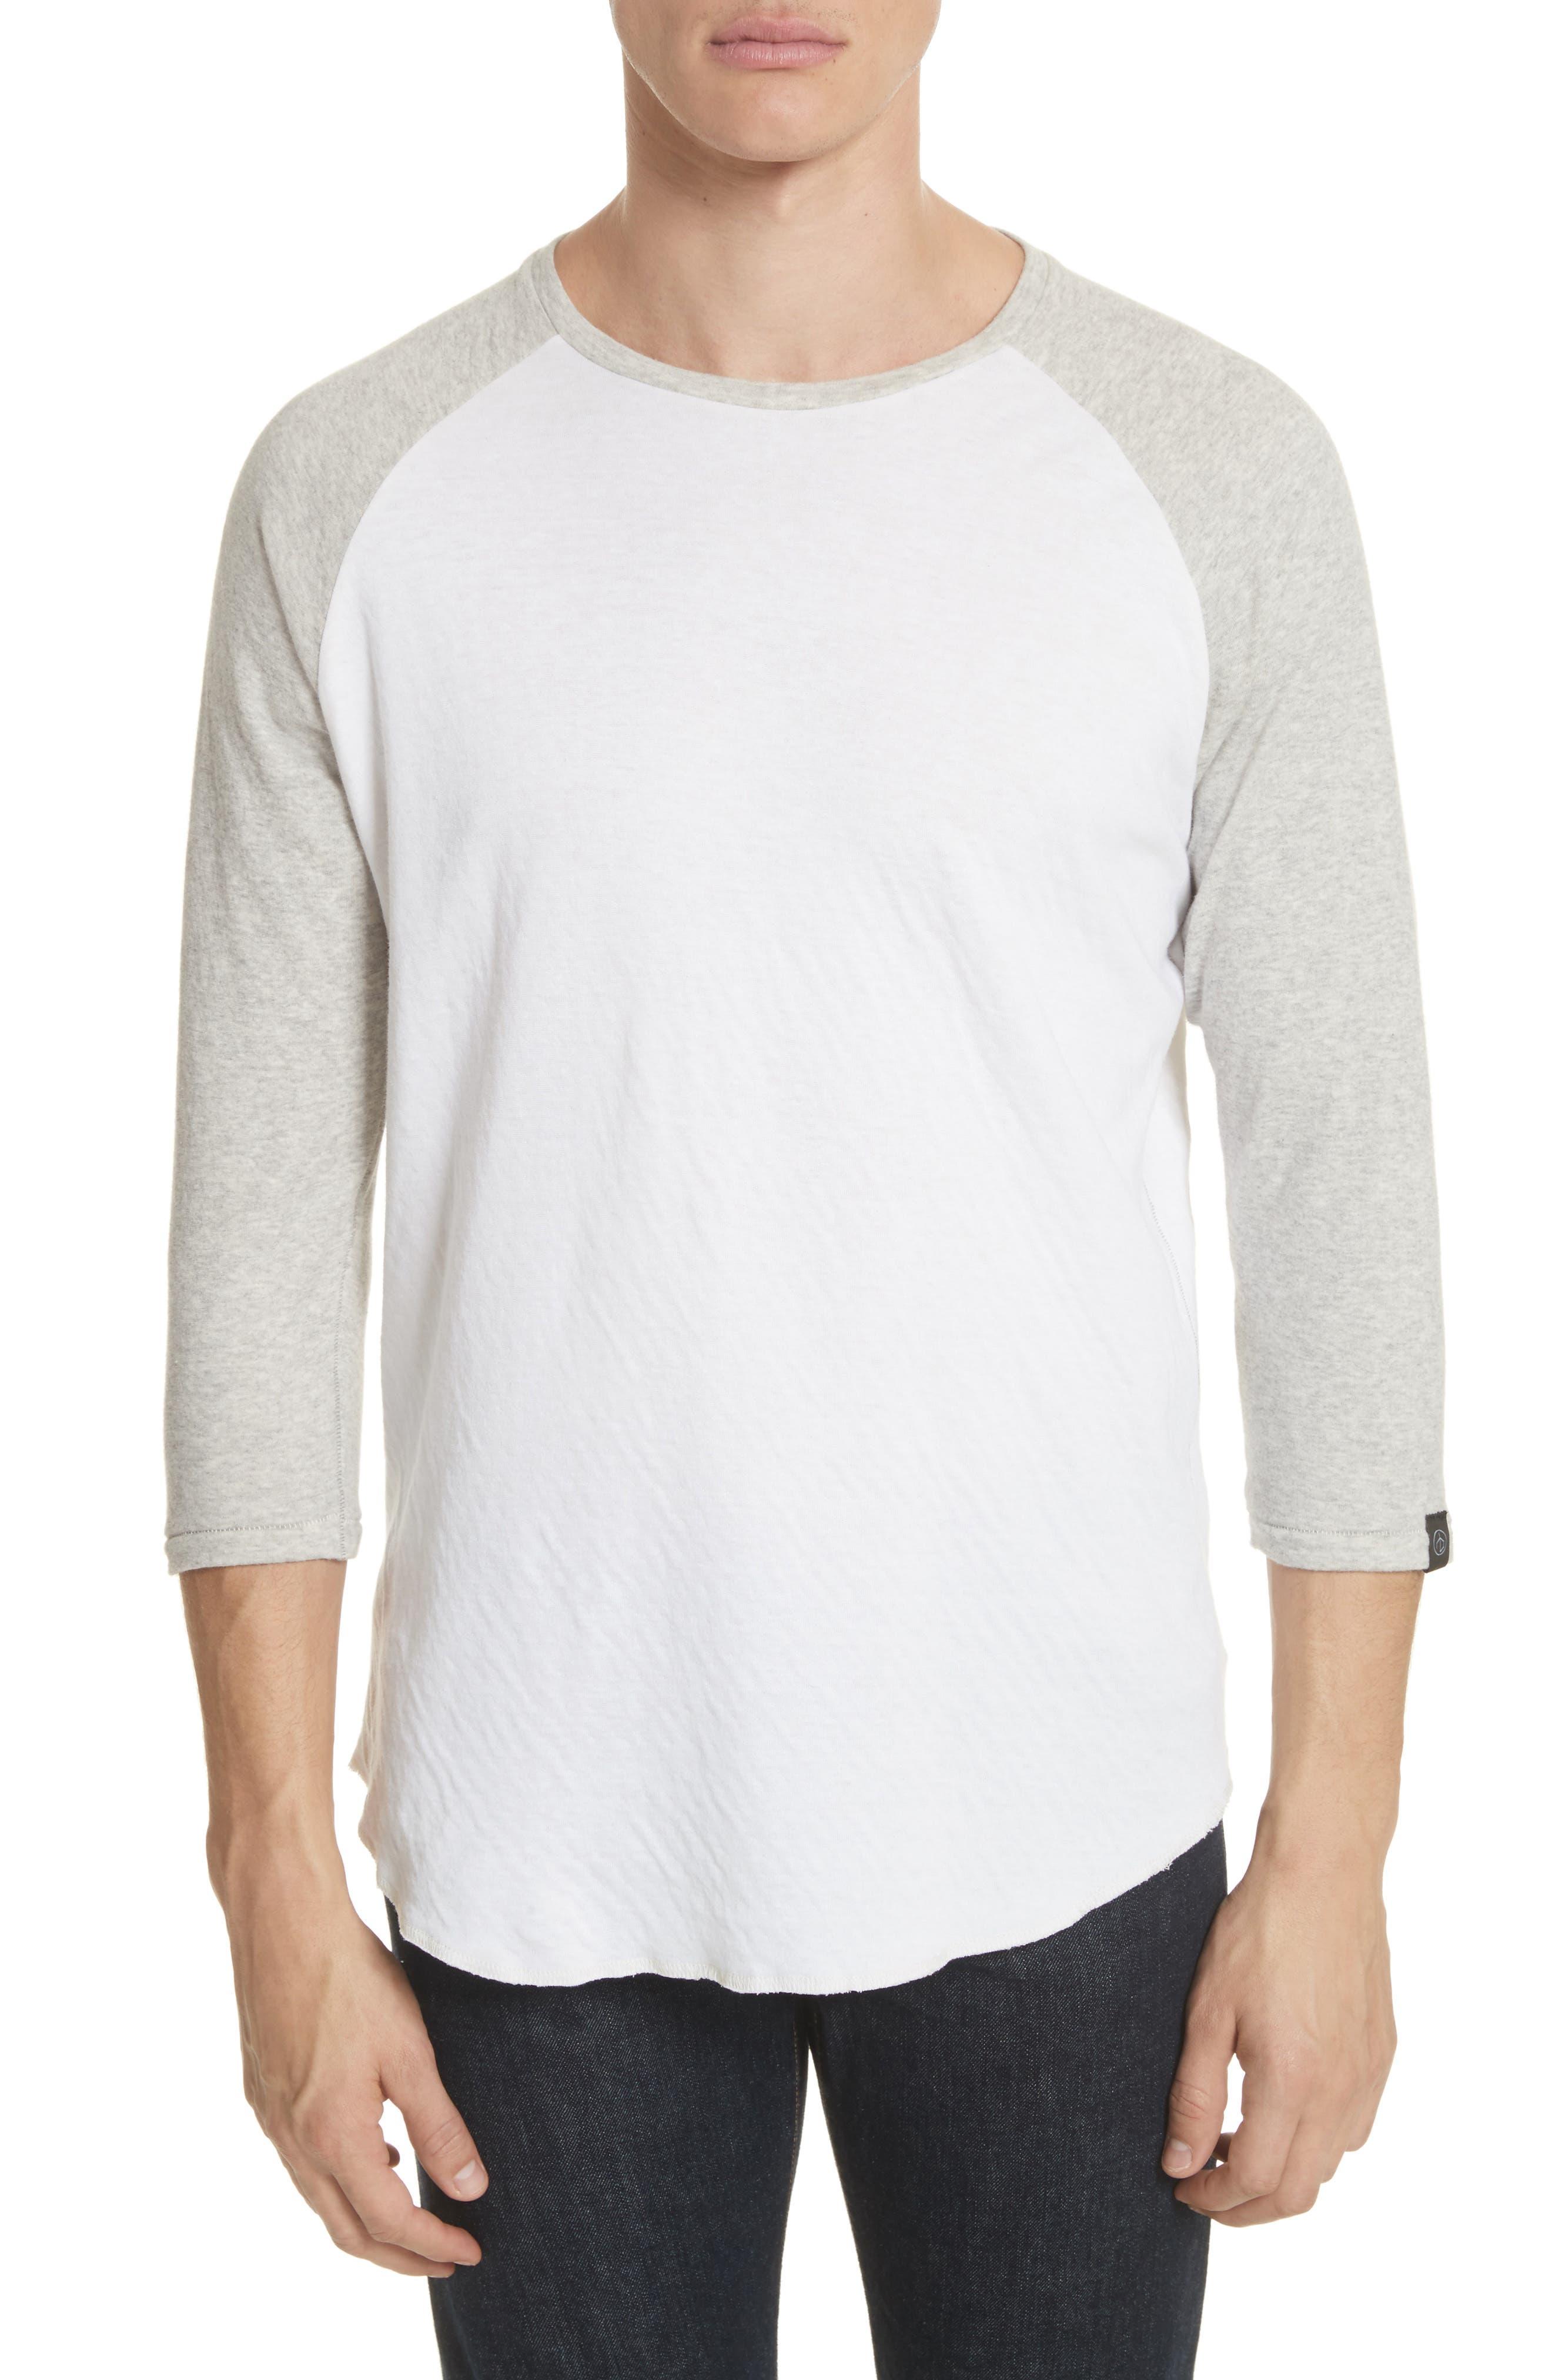 Rigby Baseball T-Shirt,                         Main,                         color, Grey/ White